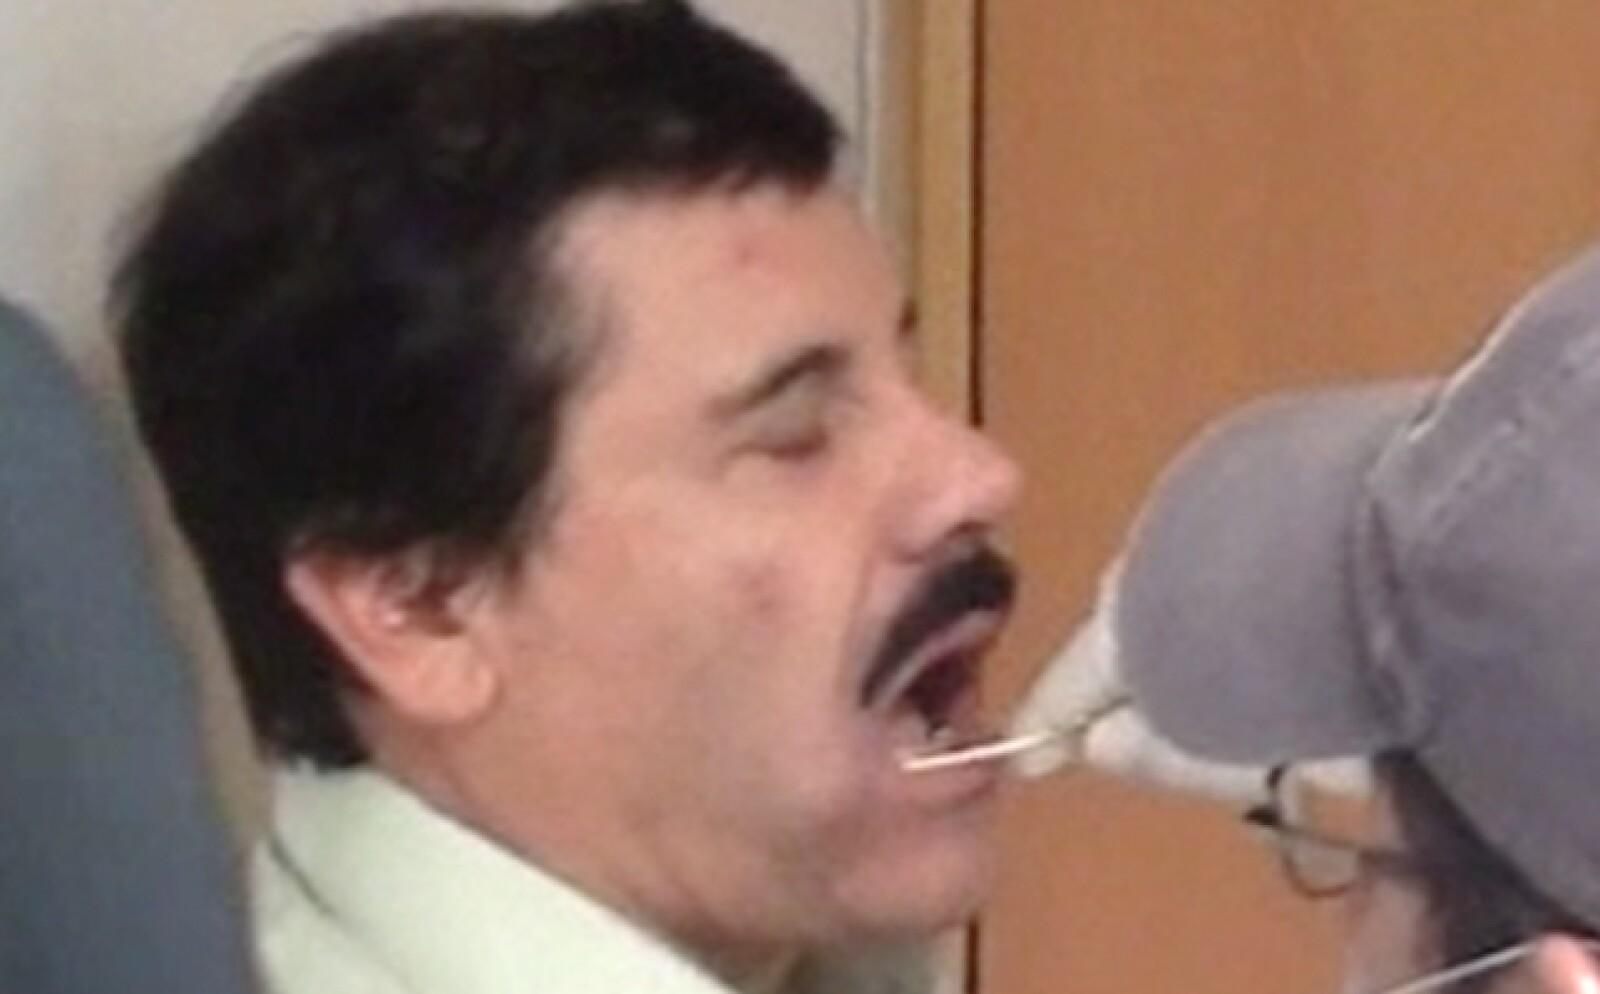 Los especialistas  realizaron primero un aspado (raspado) bucal a El Chapo con el fin de extraer una muestra de su ADN, para compararla con el ADN  de  algunos de sus familiares a los que también se les realizó dicha prueba.